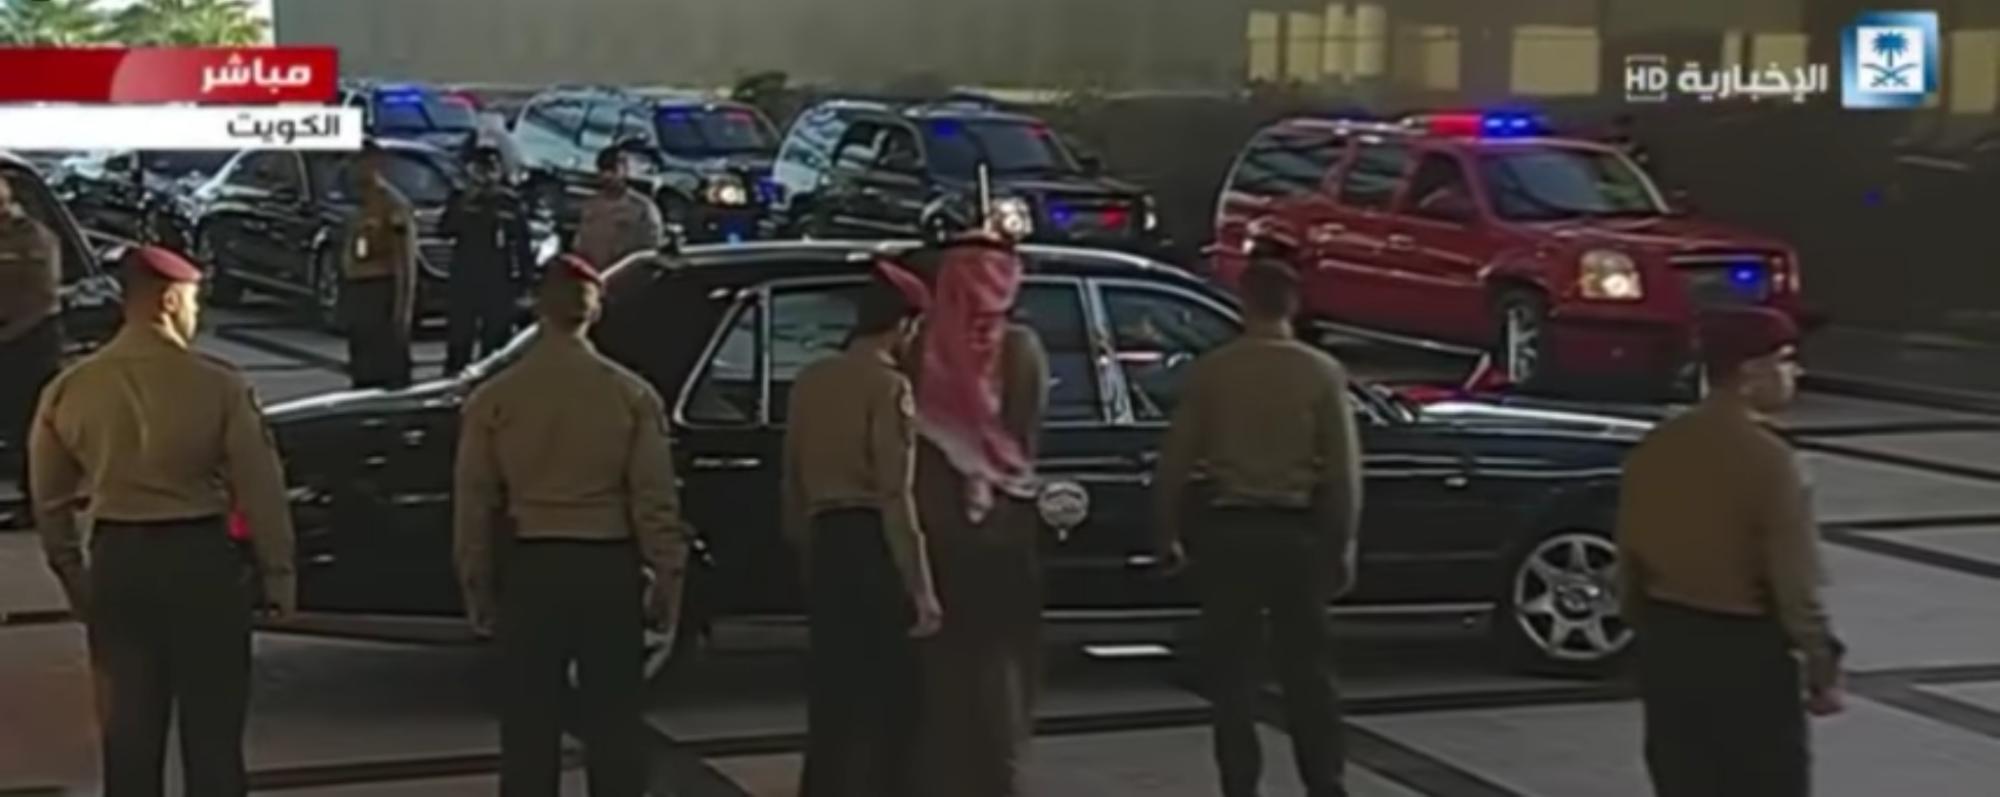 موكب ملكي واستقبال شعبي مهيب لخادم الحرمين الشريفين لدى وصوله #الكويت